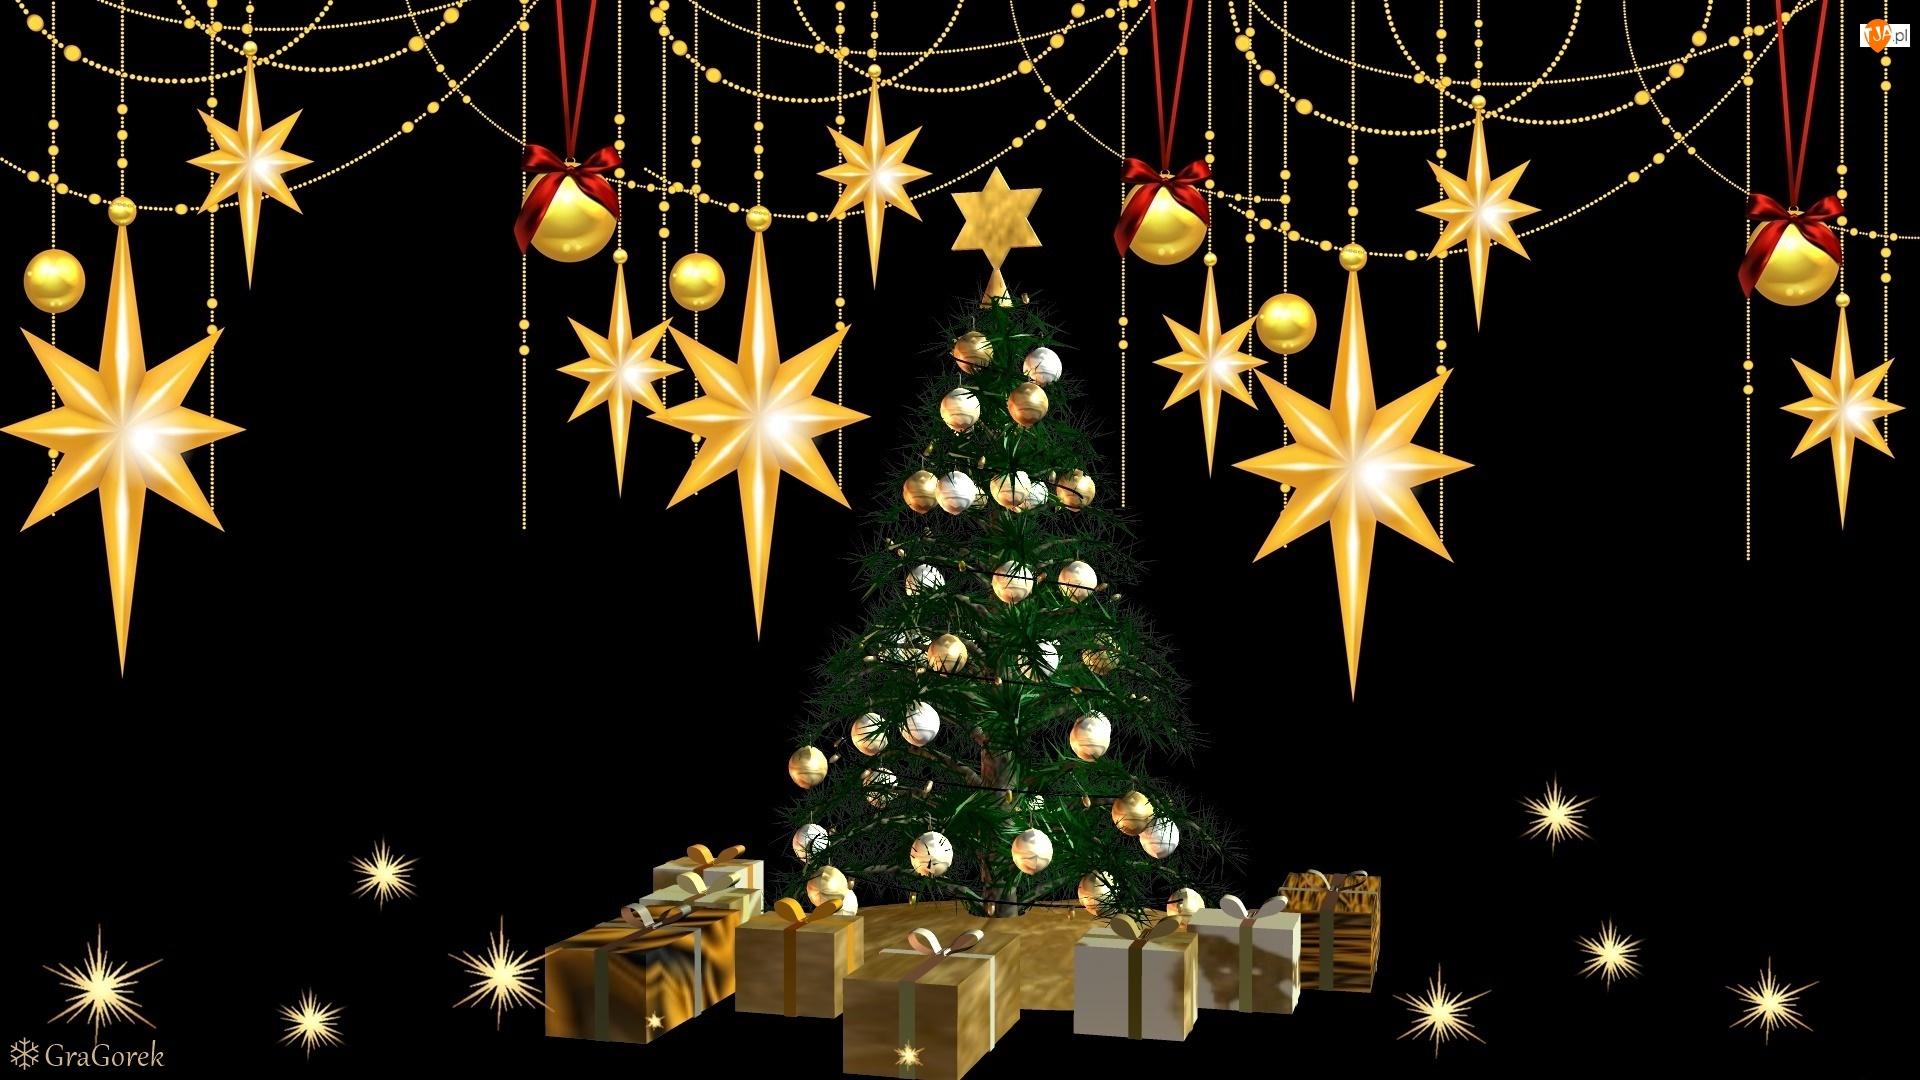 Czarne, Boże Narodzenie, Choinka, Tło, Gwiazdy, Prezenty, Grafika, Bombki